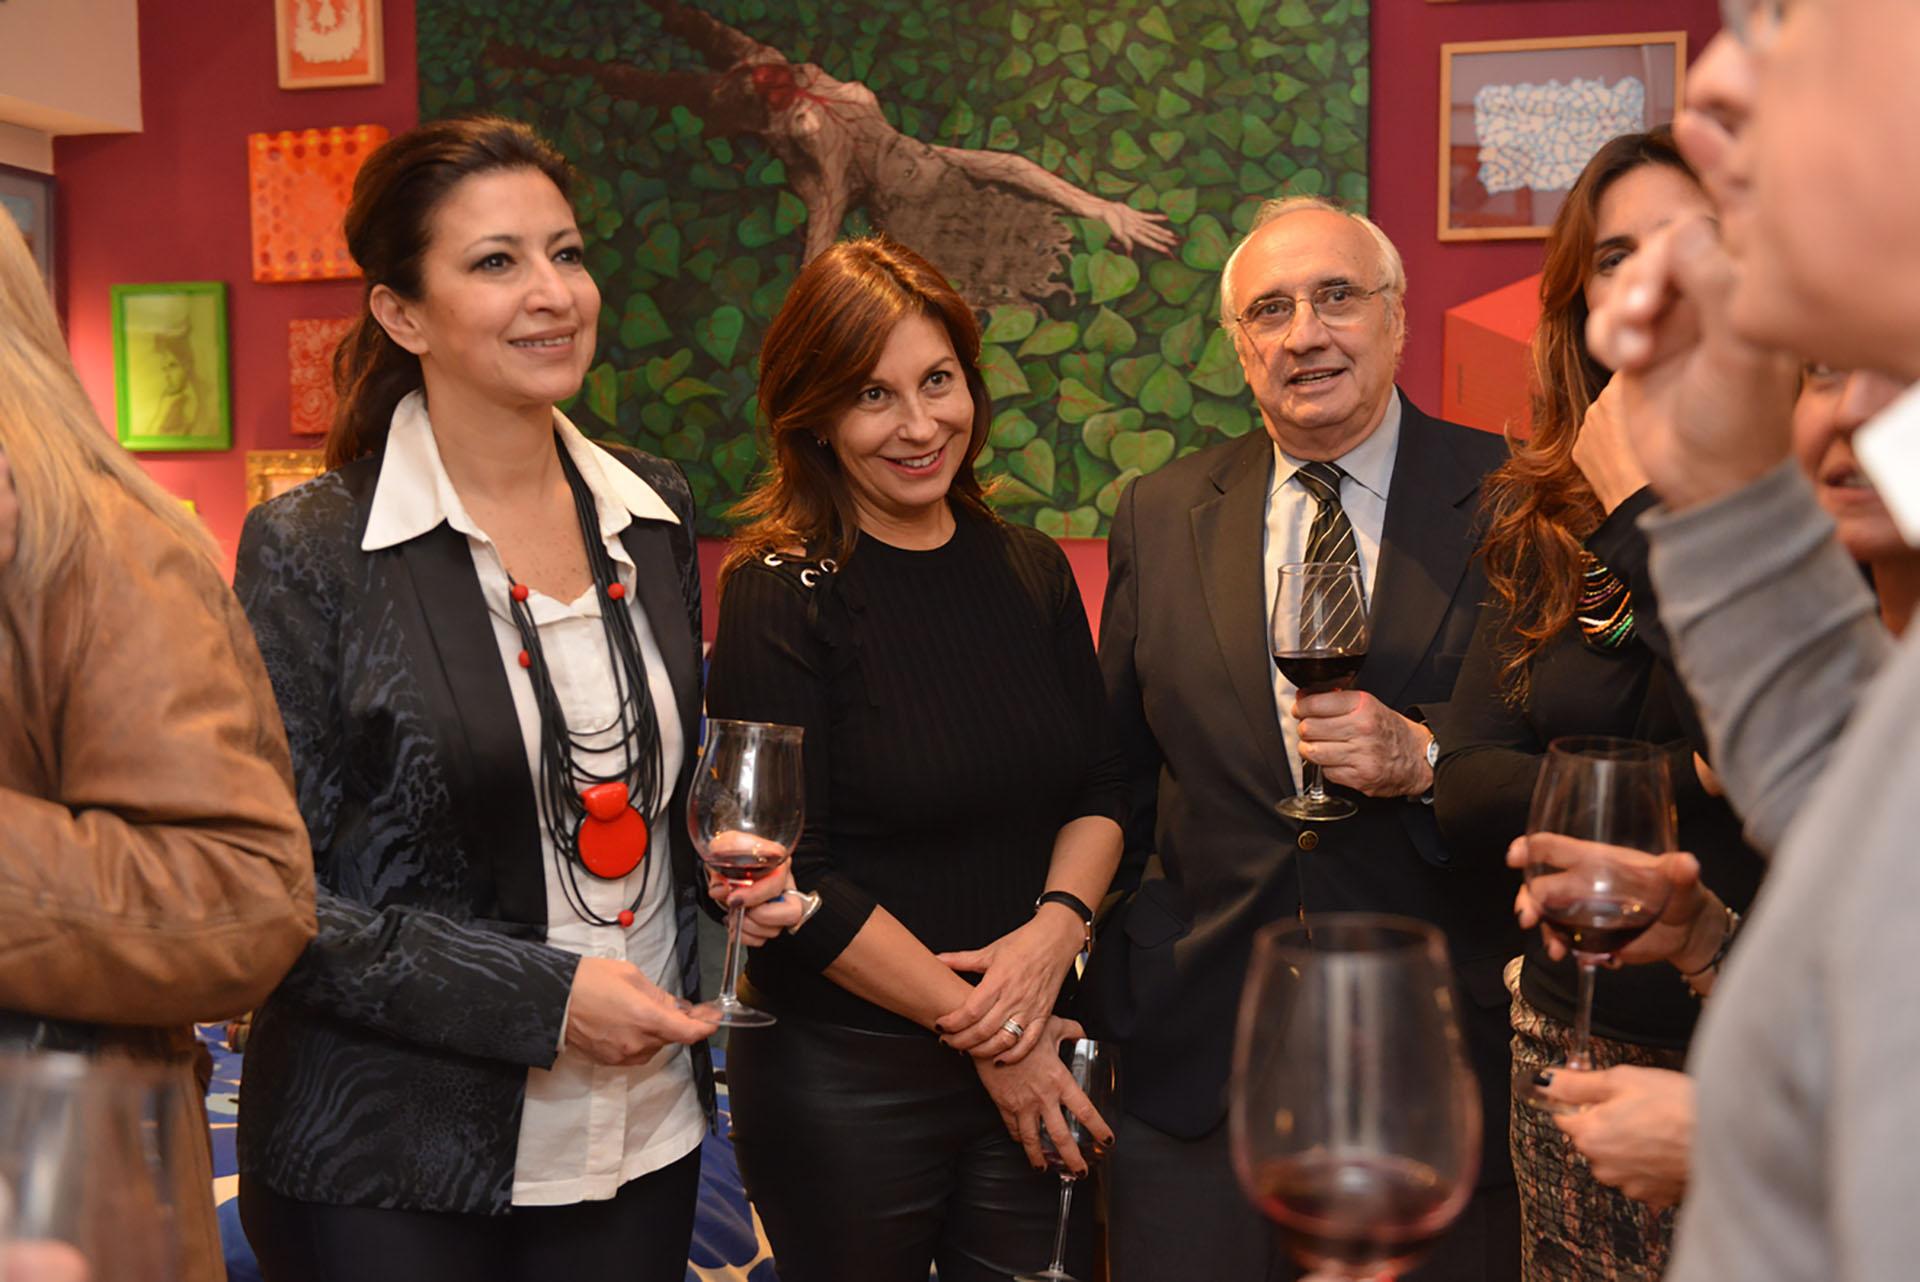 La arquitecta Victoria Baeza junto a los abogados Alejandra Sissias y Daniel Ostropolsky, ex miembro del Consejo de la Magistratura